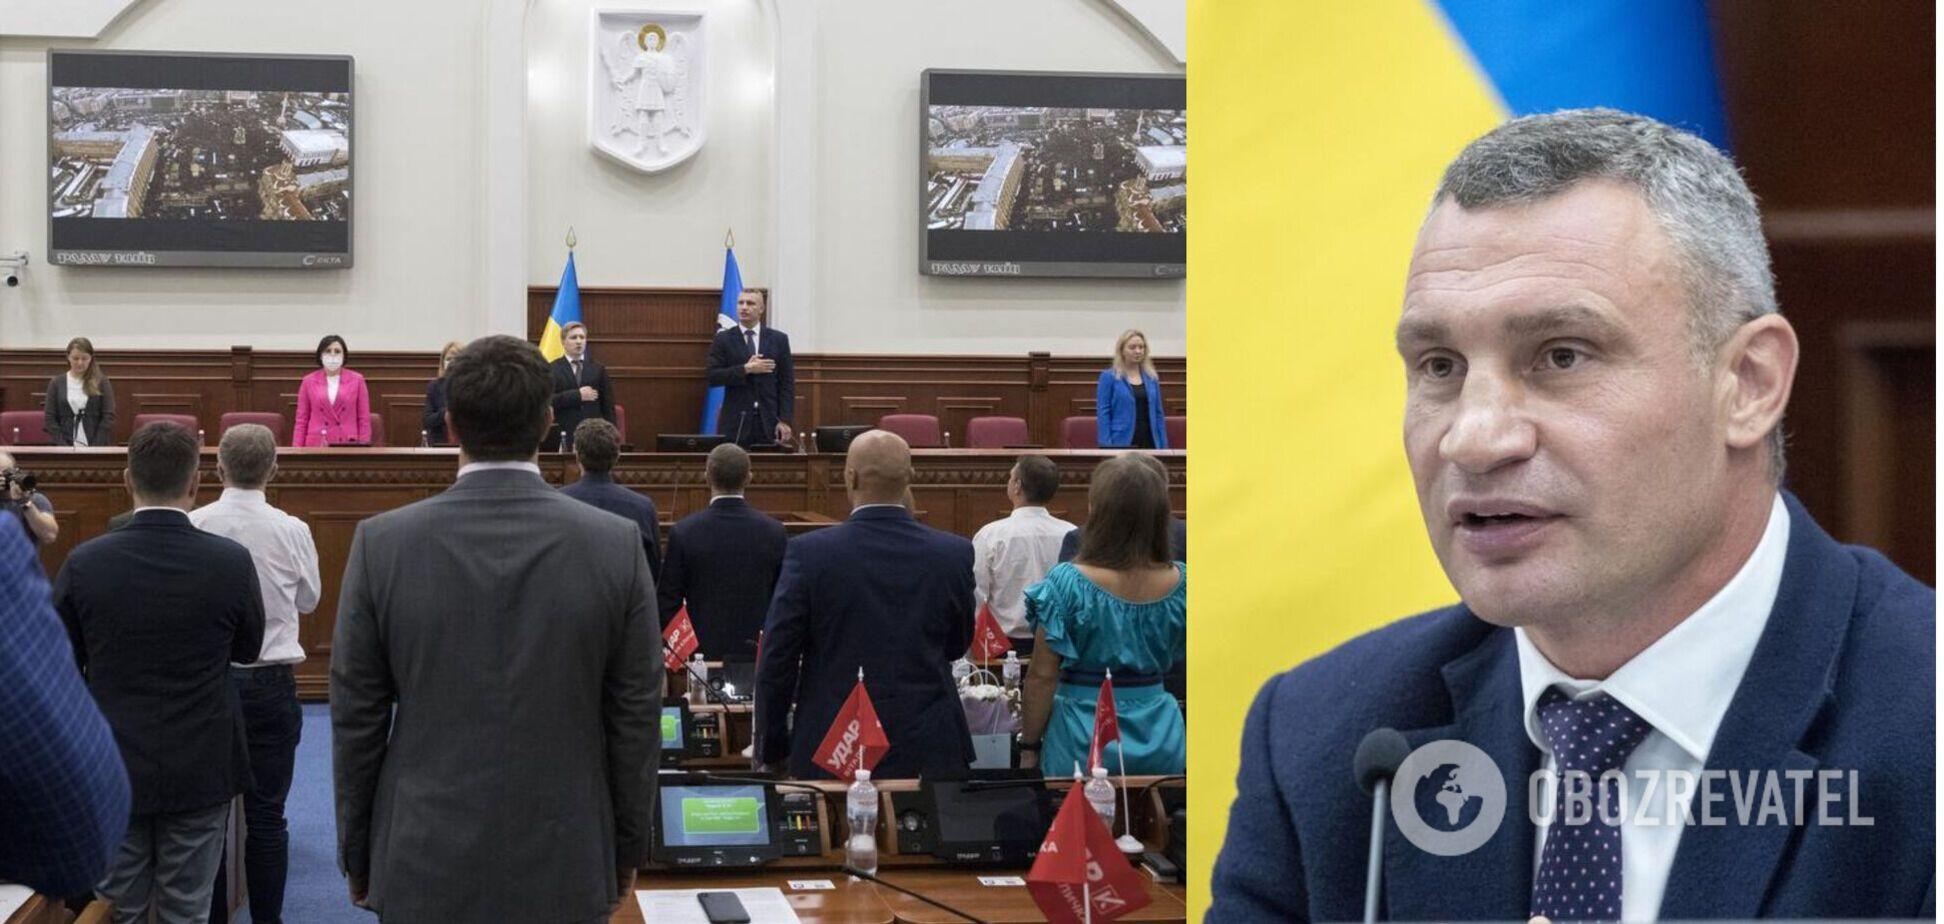 Кличко – о законопроекте о столице: киевлян хотят лишить права избирать власть города